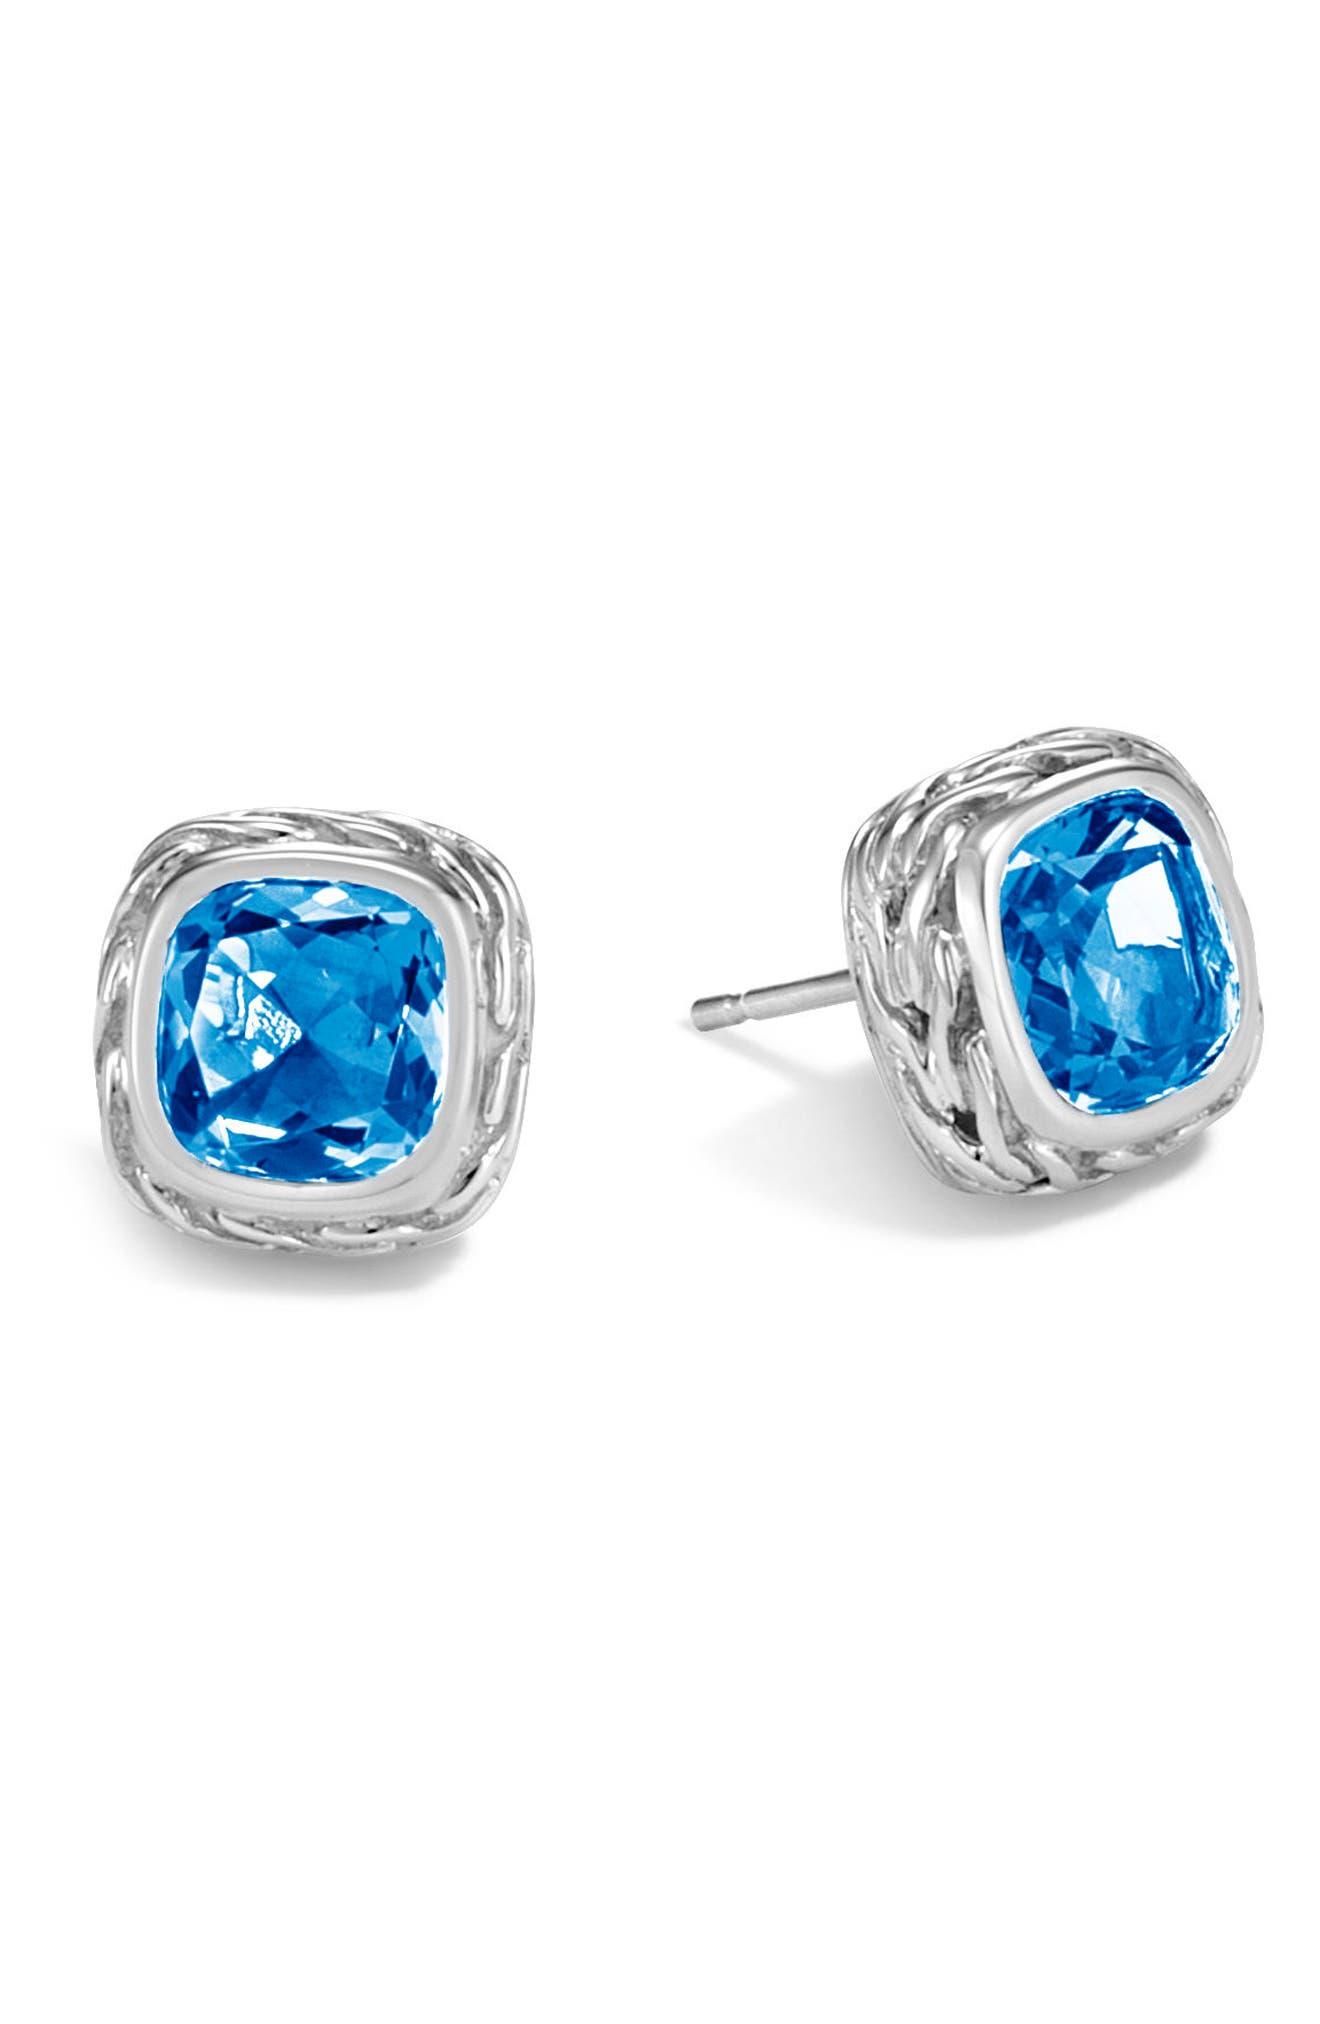 Magic Cut Blue Topaz Stud Earrings,                             Main thumbnail 1, color,                             040